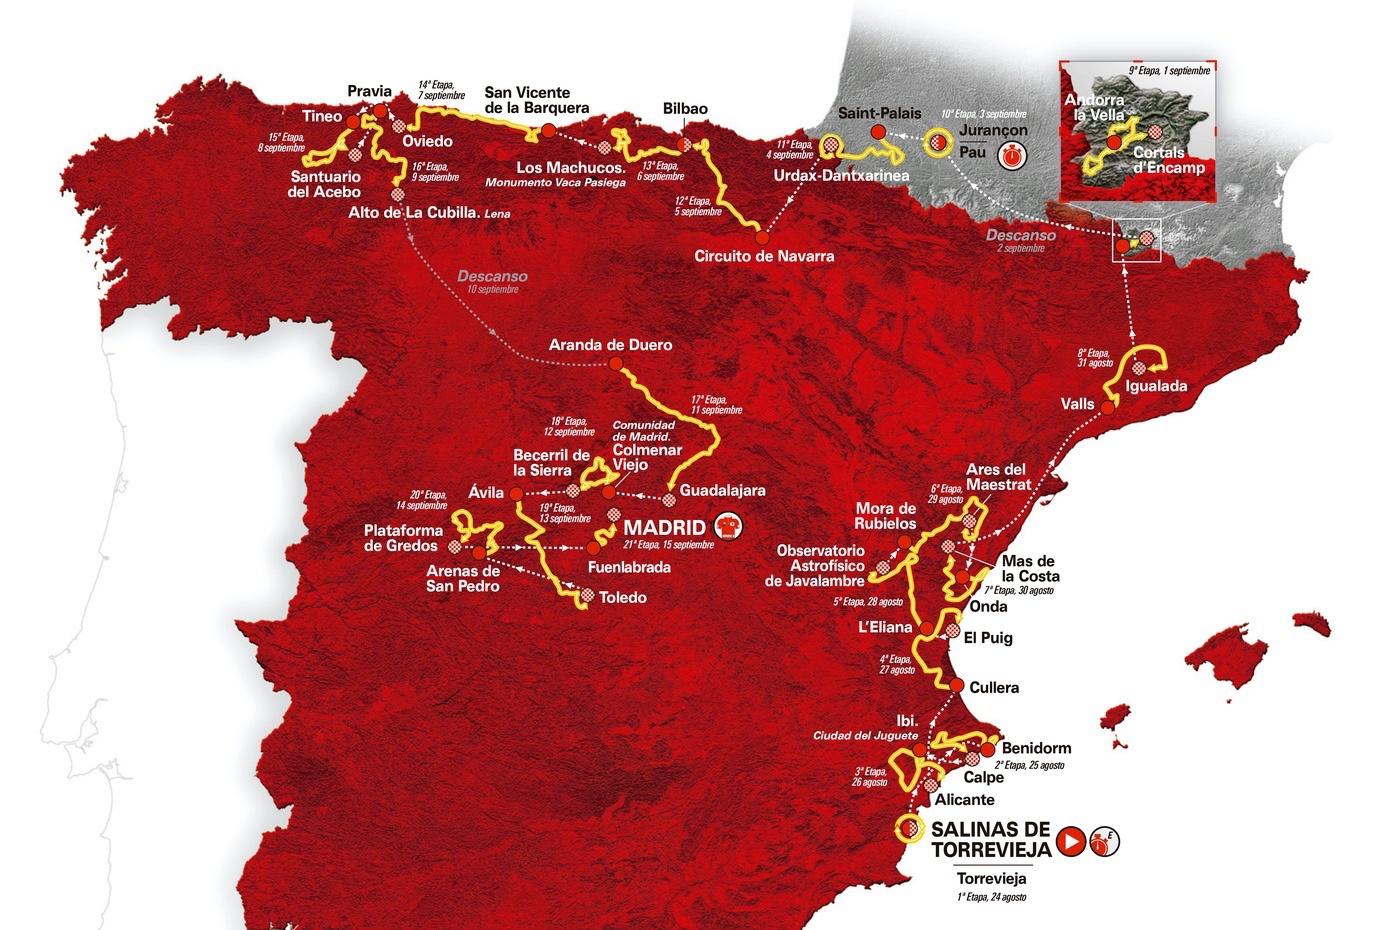 Recorrido Oficial La Vuelta 2019